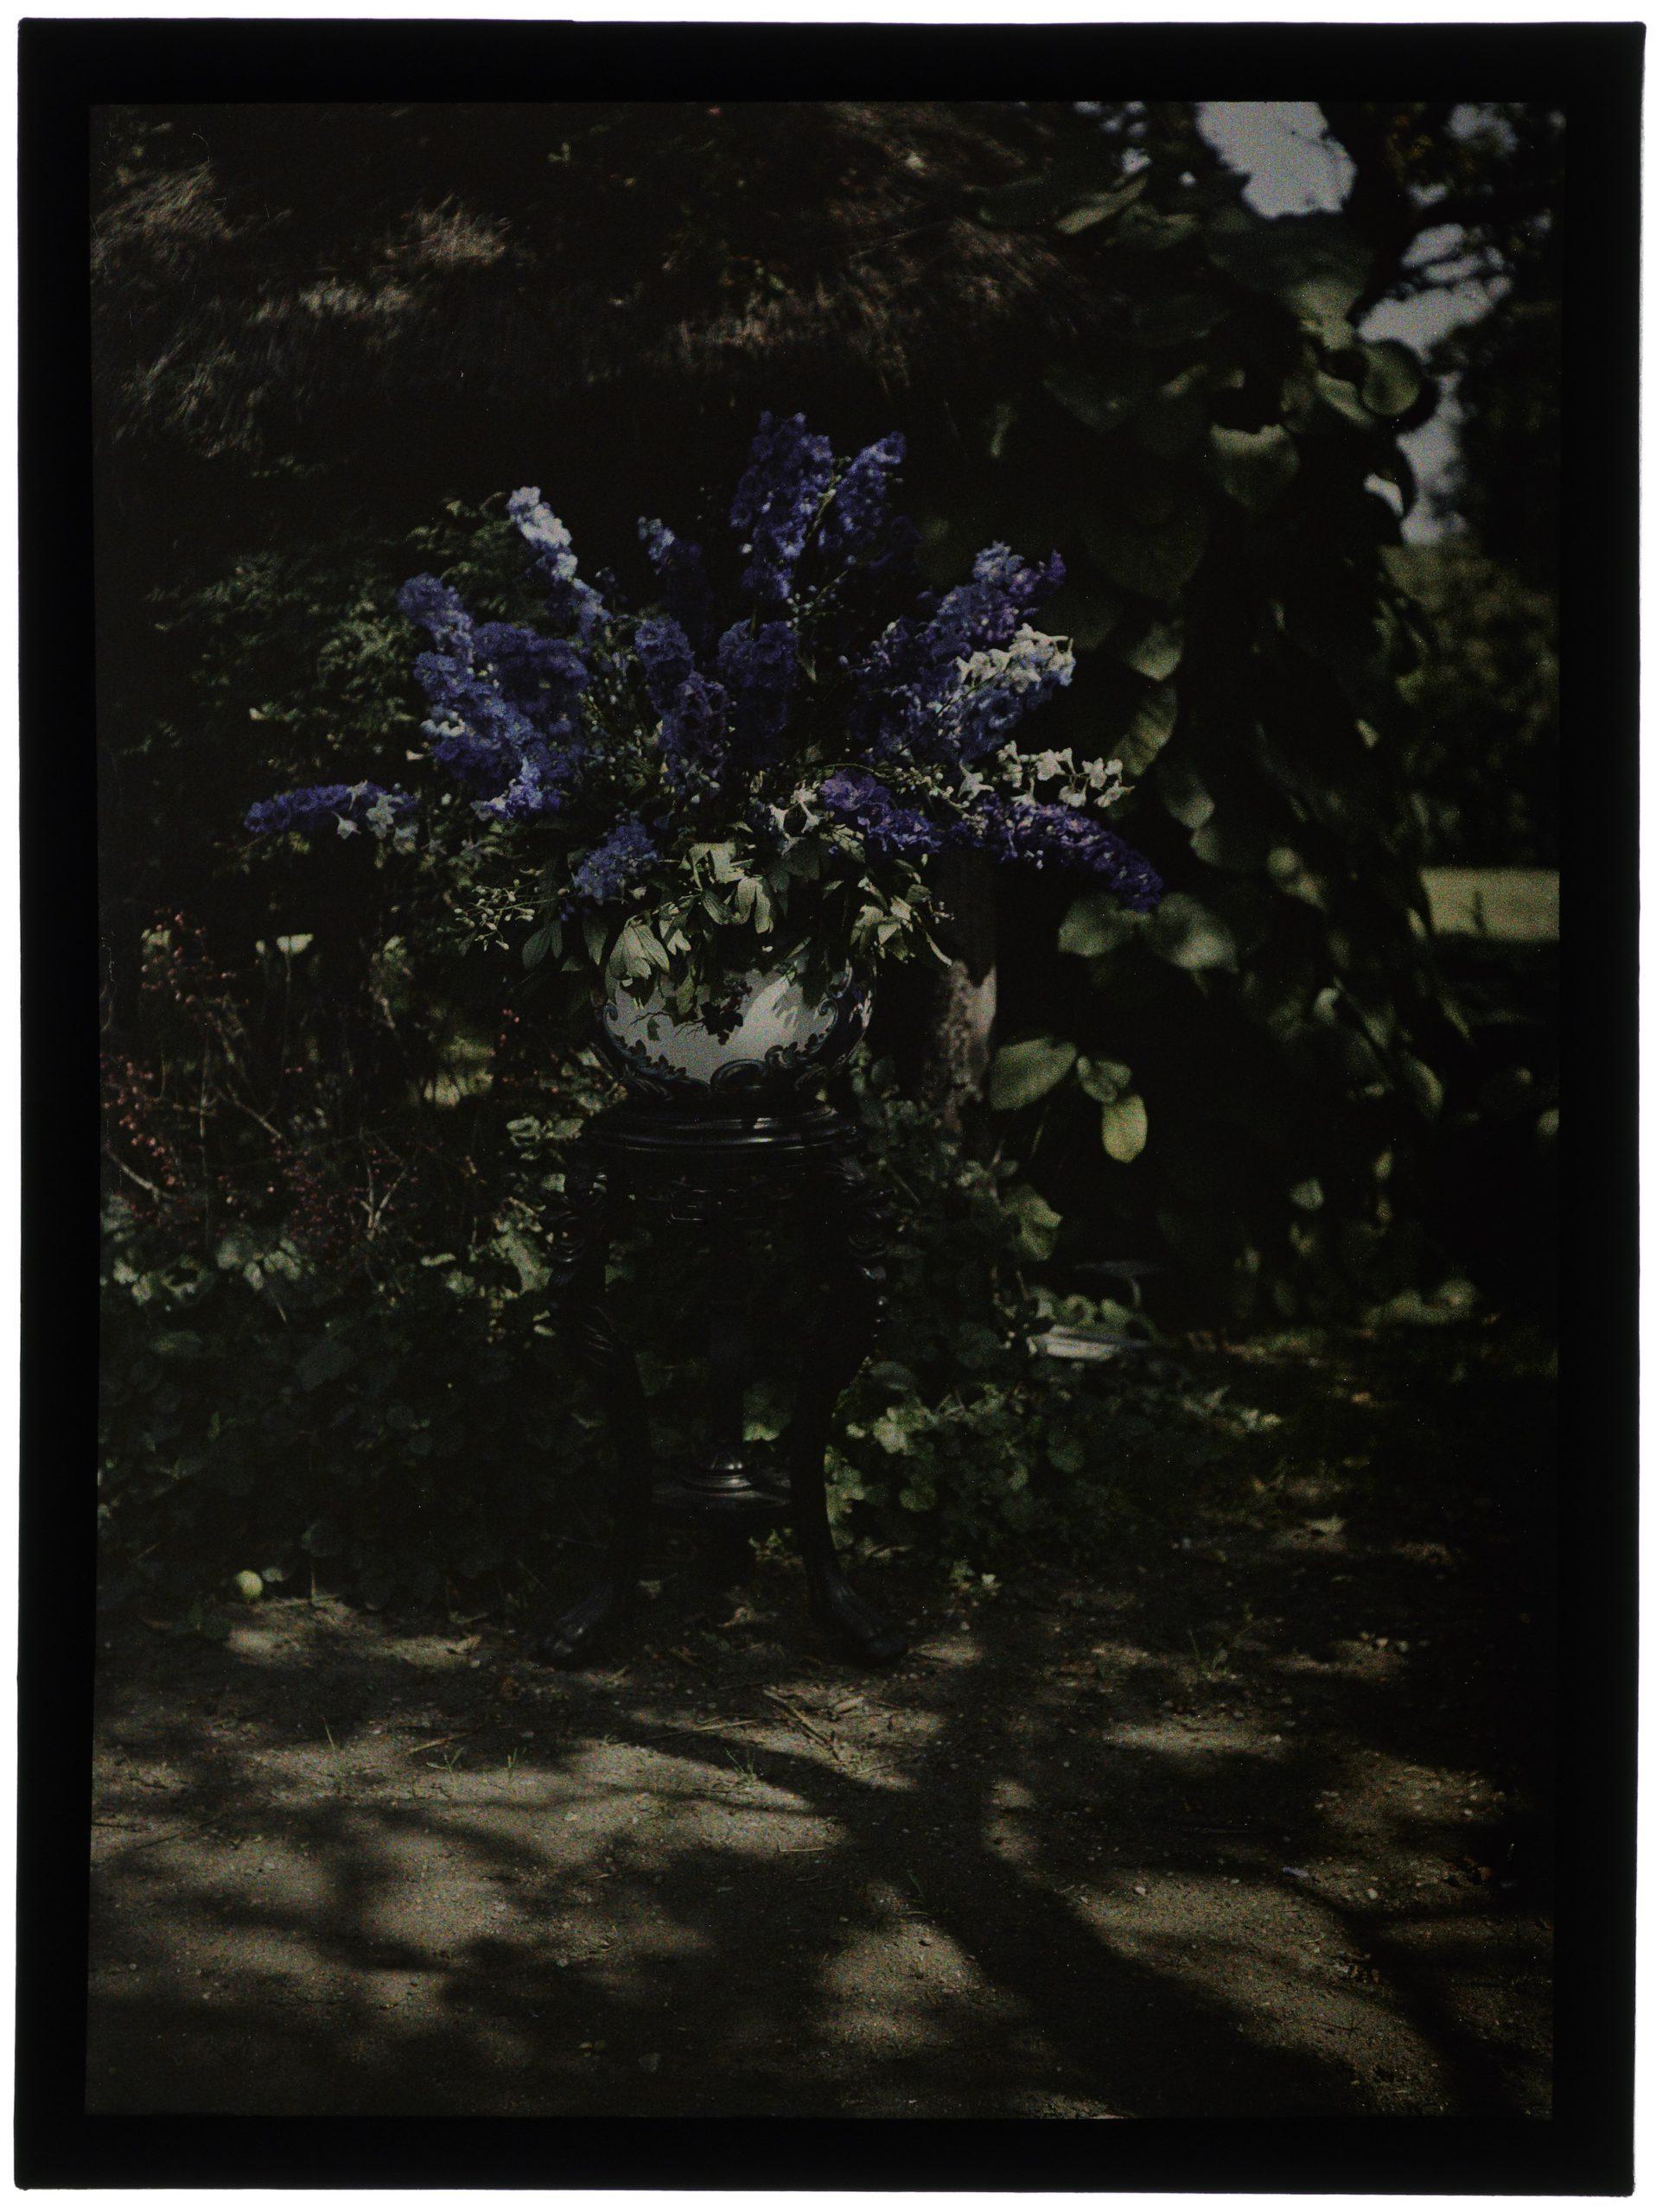 Bouquet de delphinium dans un vase boule, sur une sellette, dans le jardin